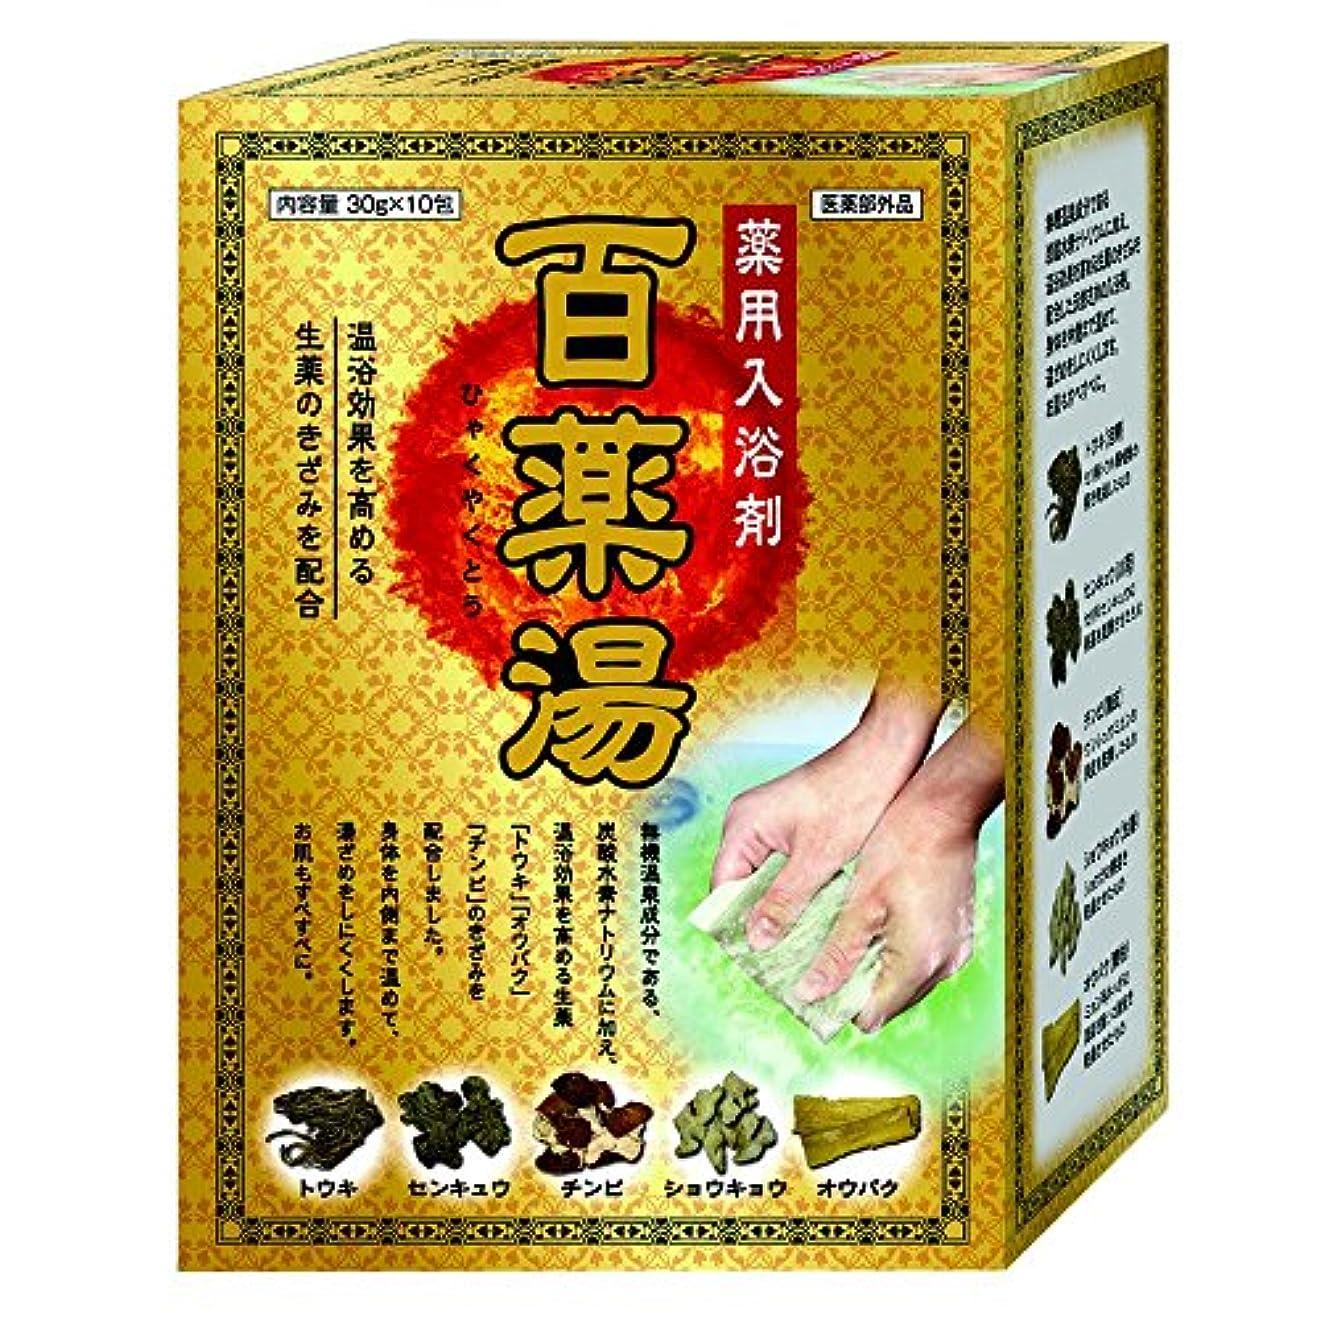 シティ脅迫トロイの木馬百薬湯 薬用入浴剤 温浴効果を高める生薬のきざみを配合 30g×10包 (医薬部外品)